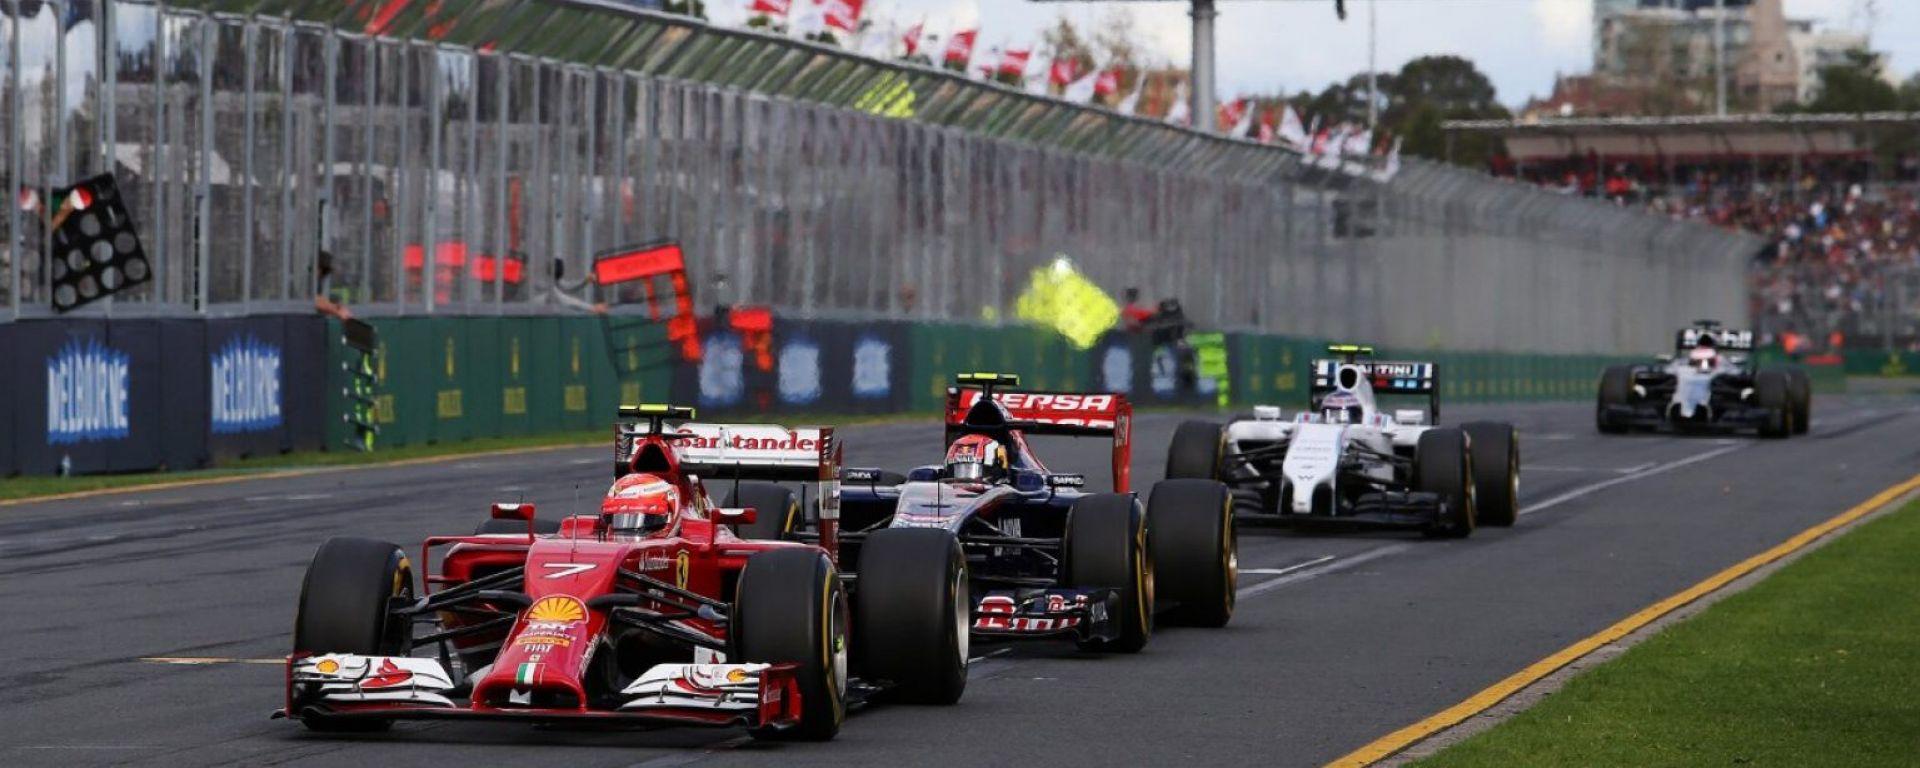 F1 2016 - Gran Premio d'Australia - Info e Risultati